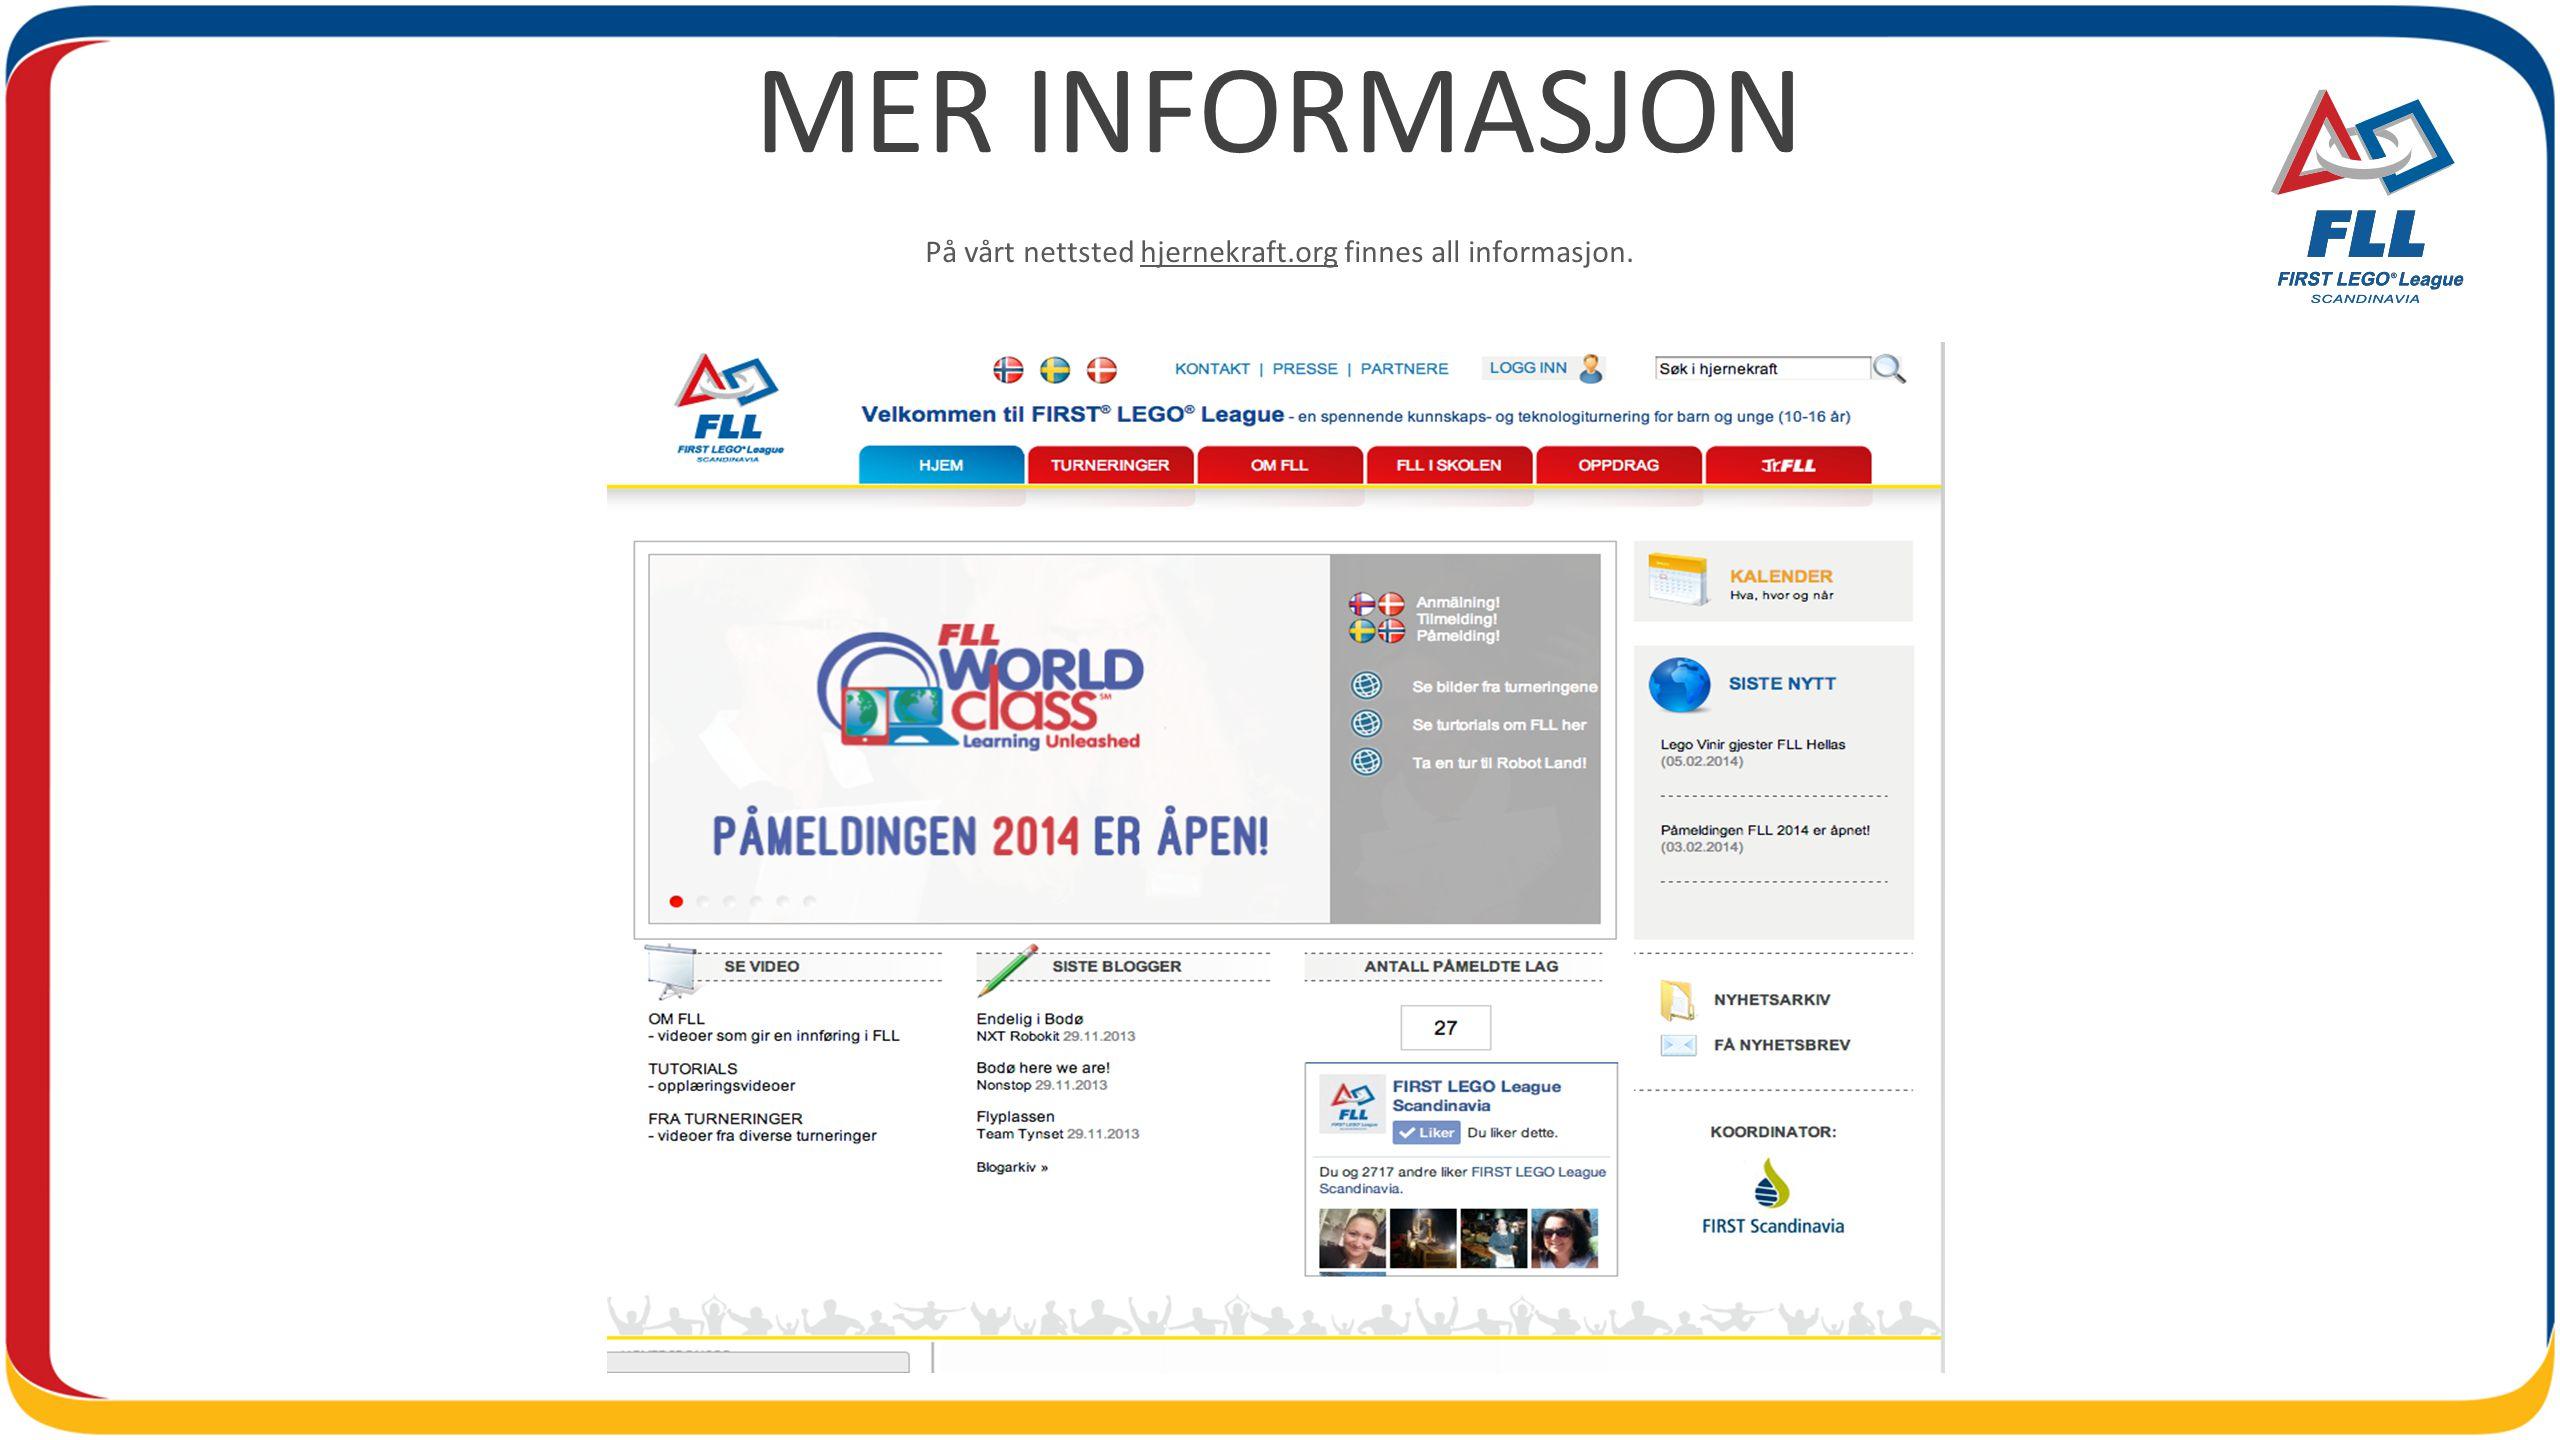 MER INFORMASJON På vårt nettsted hjernekraft.org finnes all informasjon.